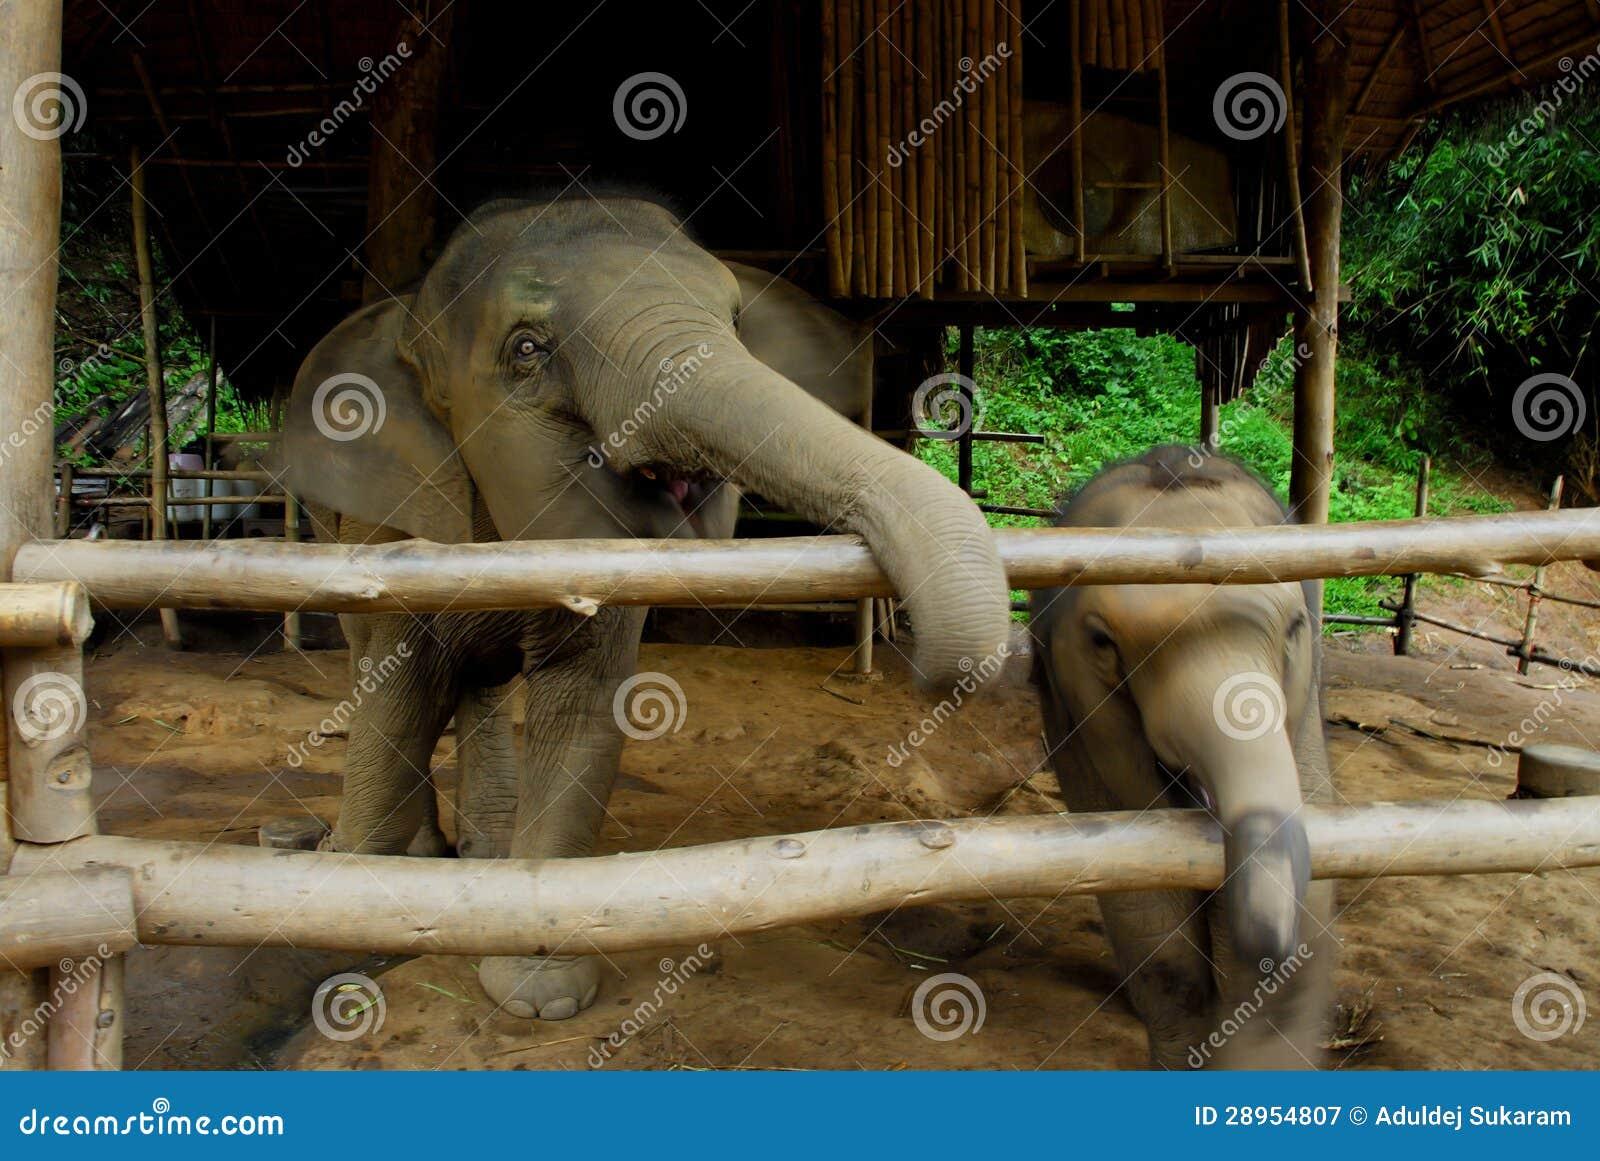 Tajlandzki słoń